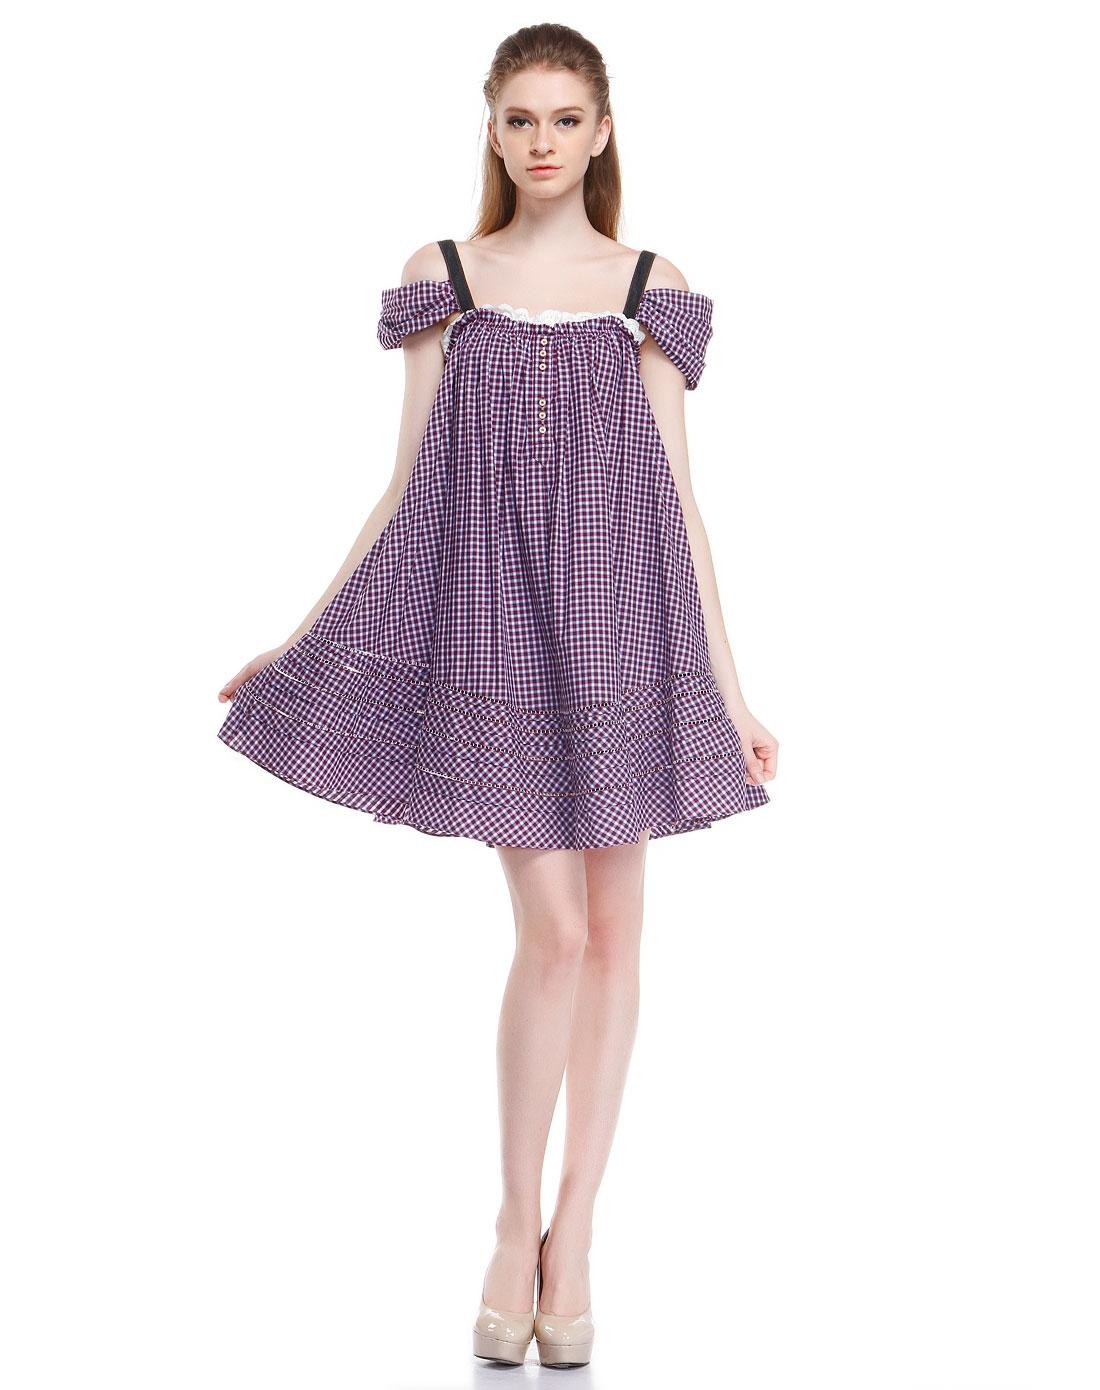 紫红/蓝色可爱细格纹露肩短袖连衣裙